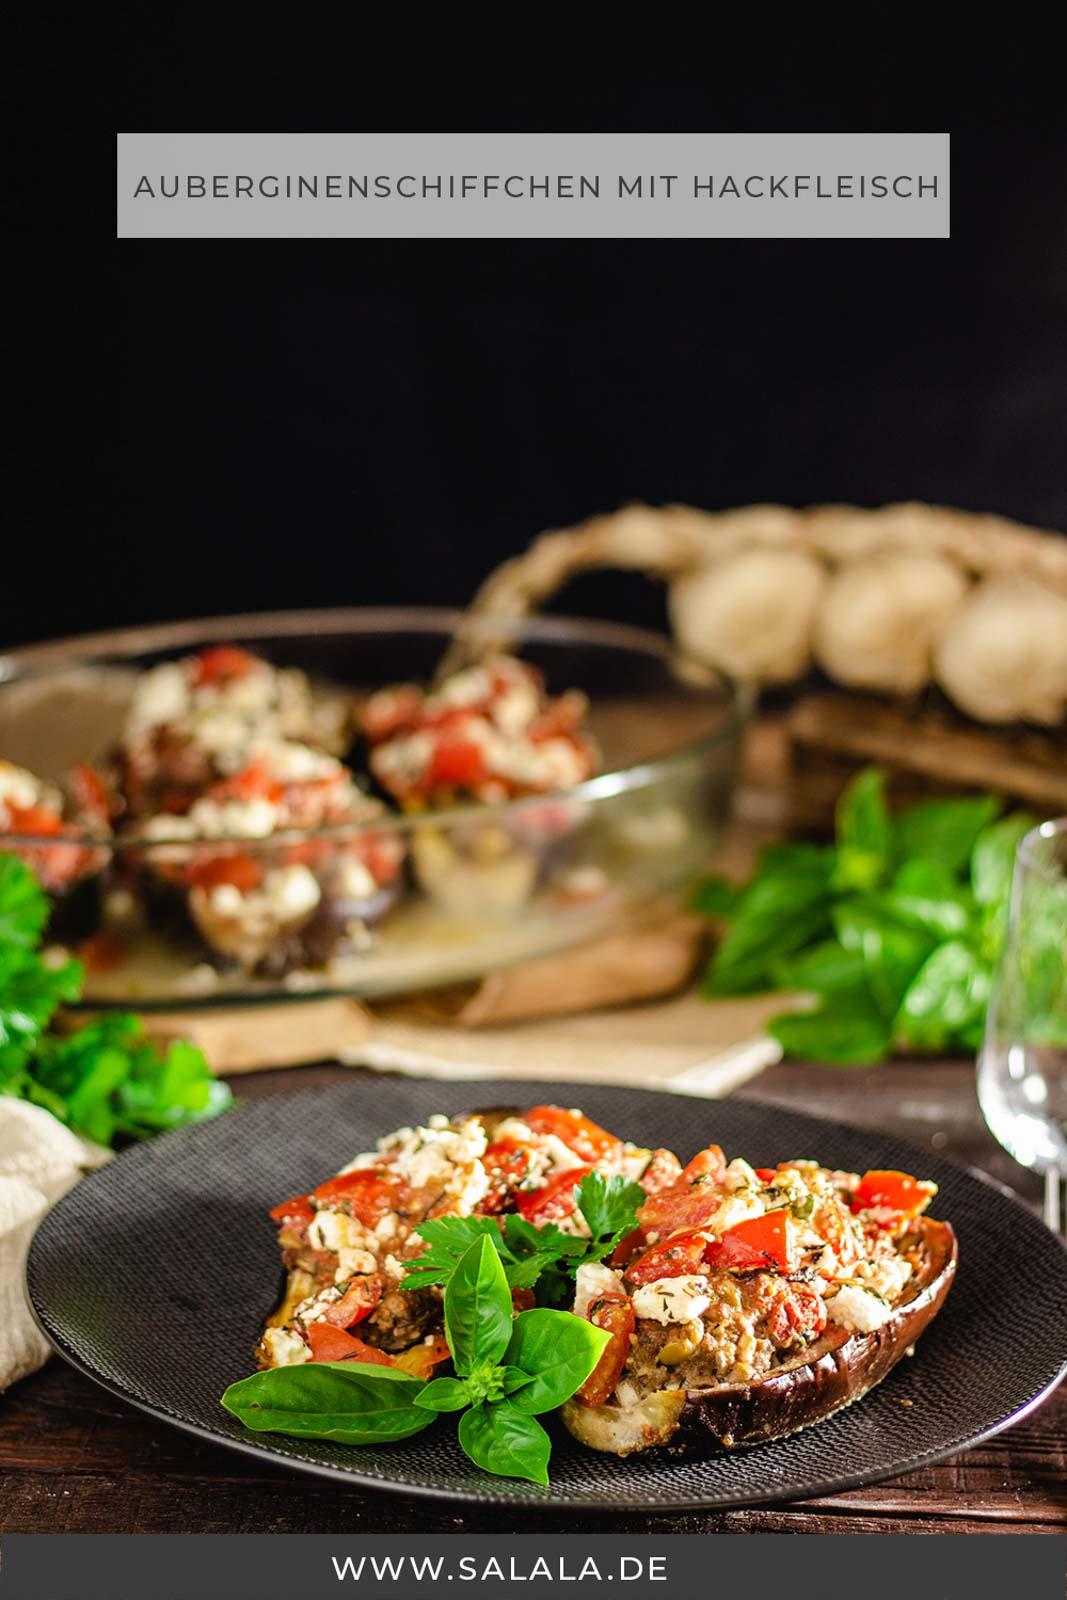 Gefüllte Auberginenschiffchen mit Hackfleisch und Feta aus dem Backofen. Das ist ein total leckeres Low Carb Rezept das du gut vorbereiten kannst, Meal Prep lässt grüßen :). Die Auberginenhälften werden mit Hackfleisch, Feta und Tomaten gefüllt und am Ende noch überbacken. Ob du dieses Low Carb Rezept jetzt Auberginenauflauf oder Auberginenboote nennst ist ganz dir überlassen. Nachkochen solltest du es auf jedenfall. #AubergineImOfenUeberbacken #AubergineRezepte #AubergineMitHackfleisch #GefuellteAubergine #Auberginenauflauf